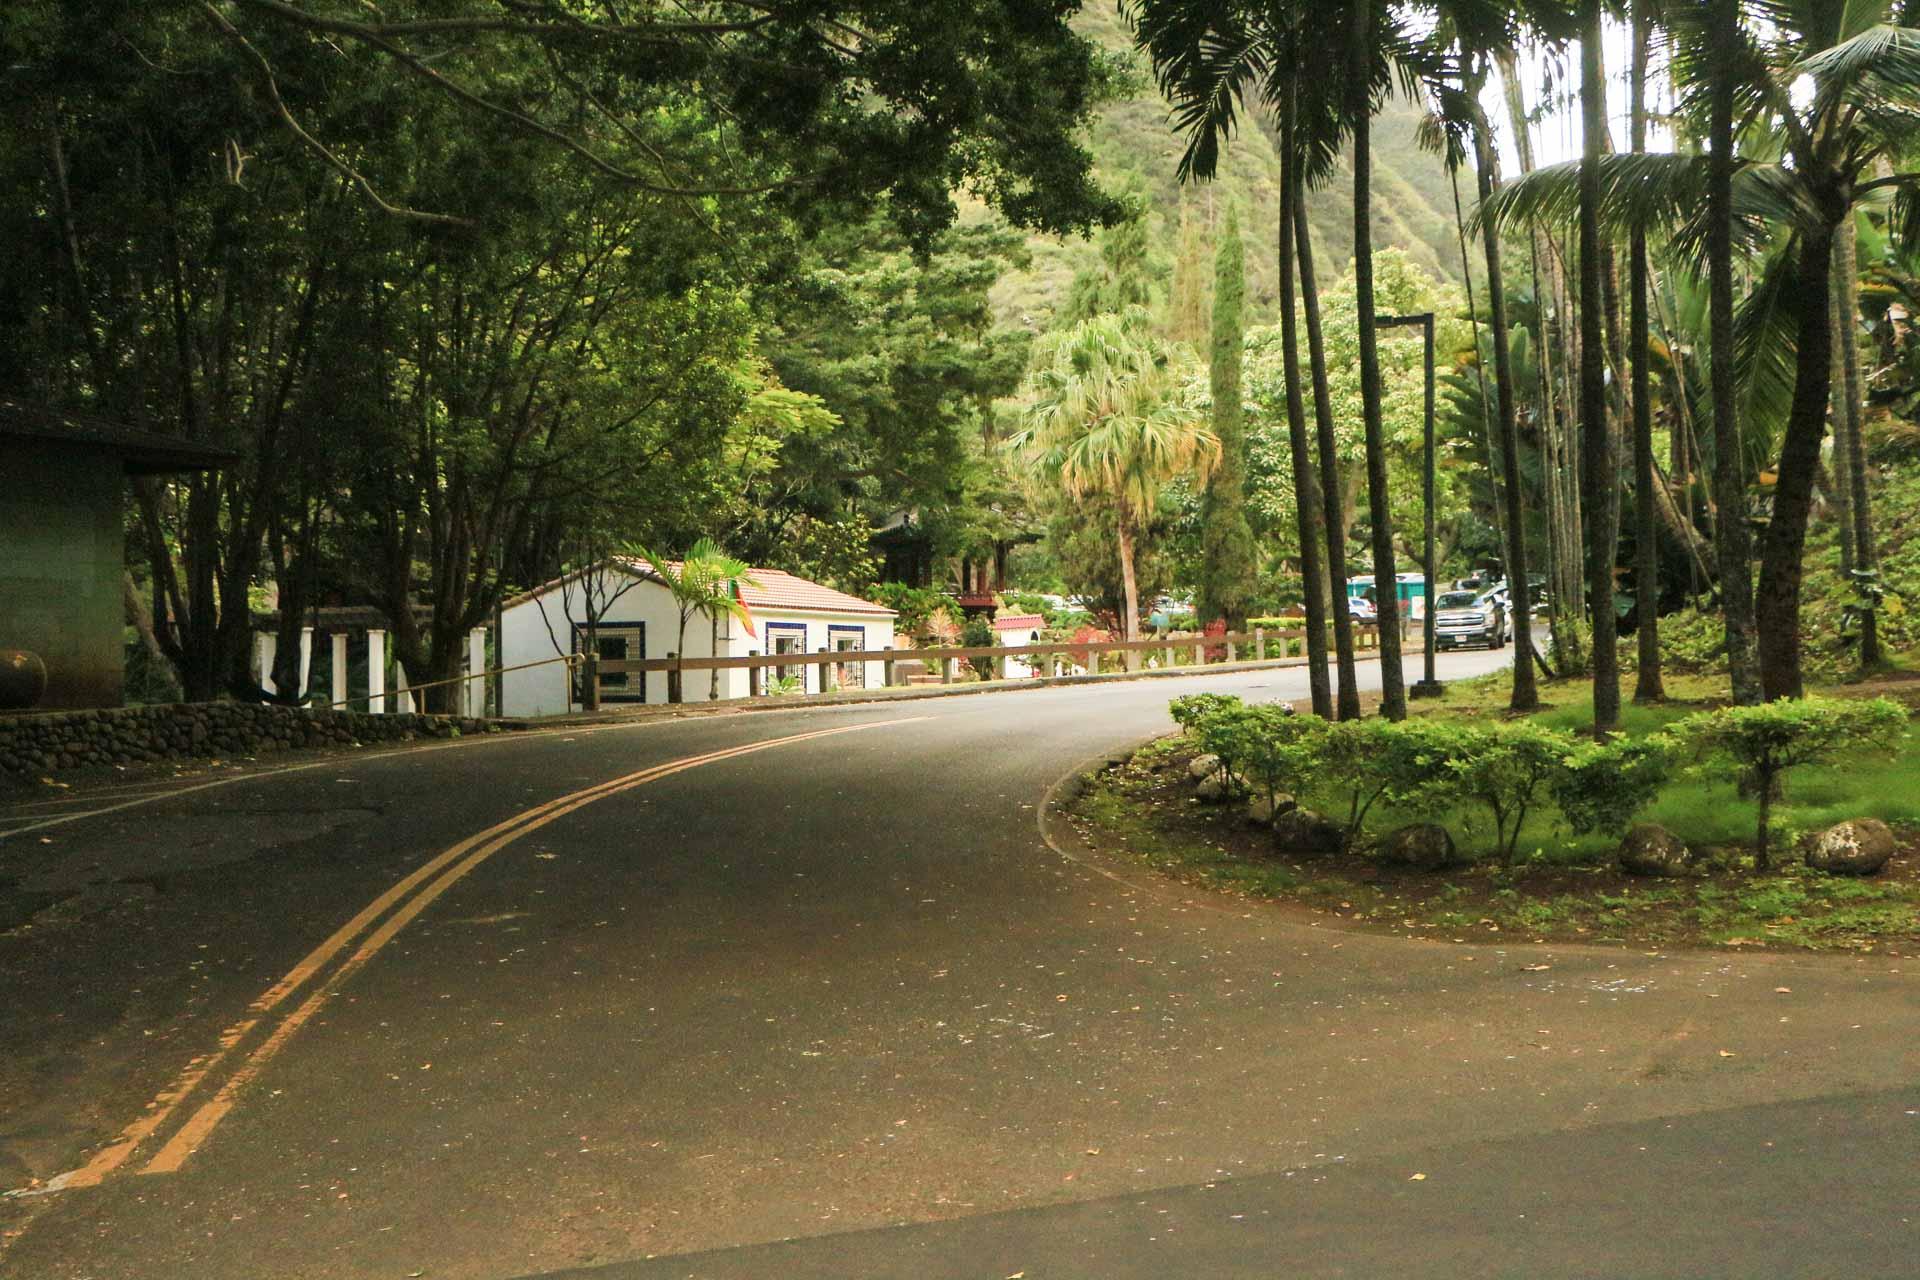 Kepaniwai-road-entrance